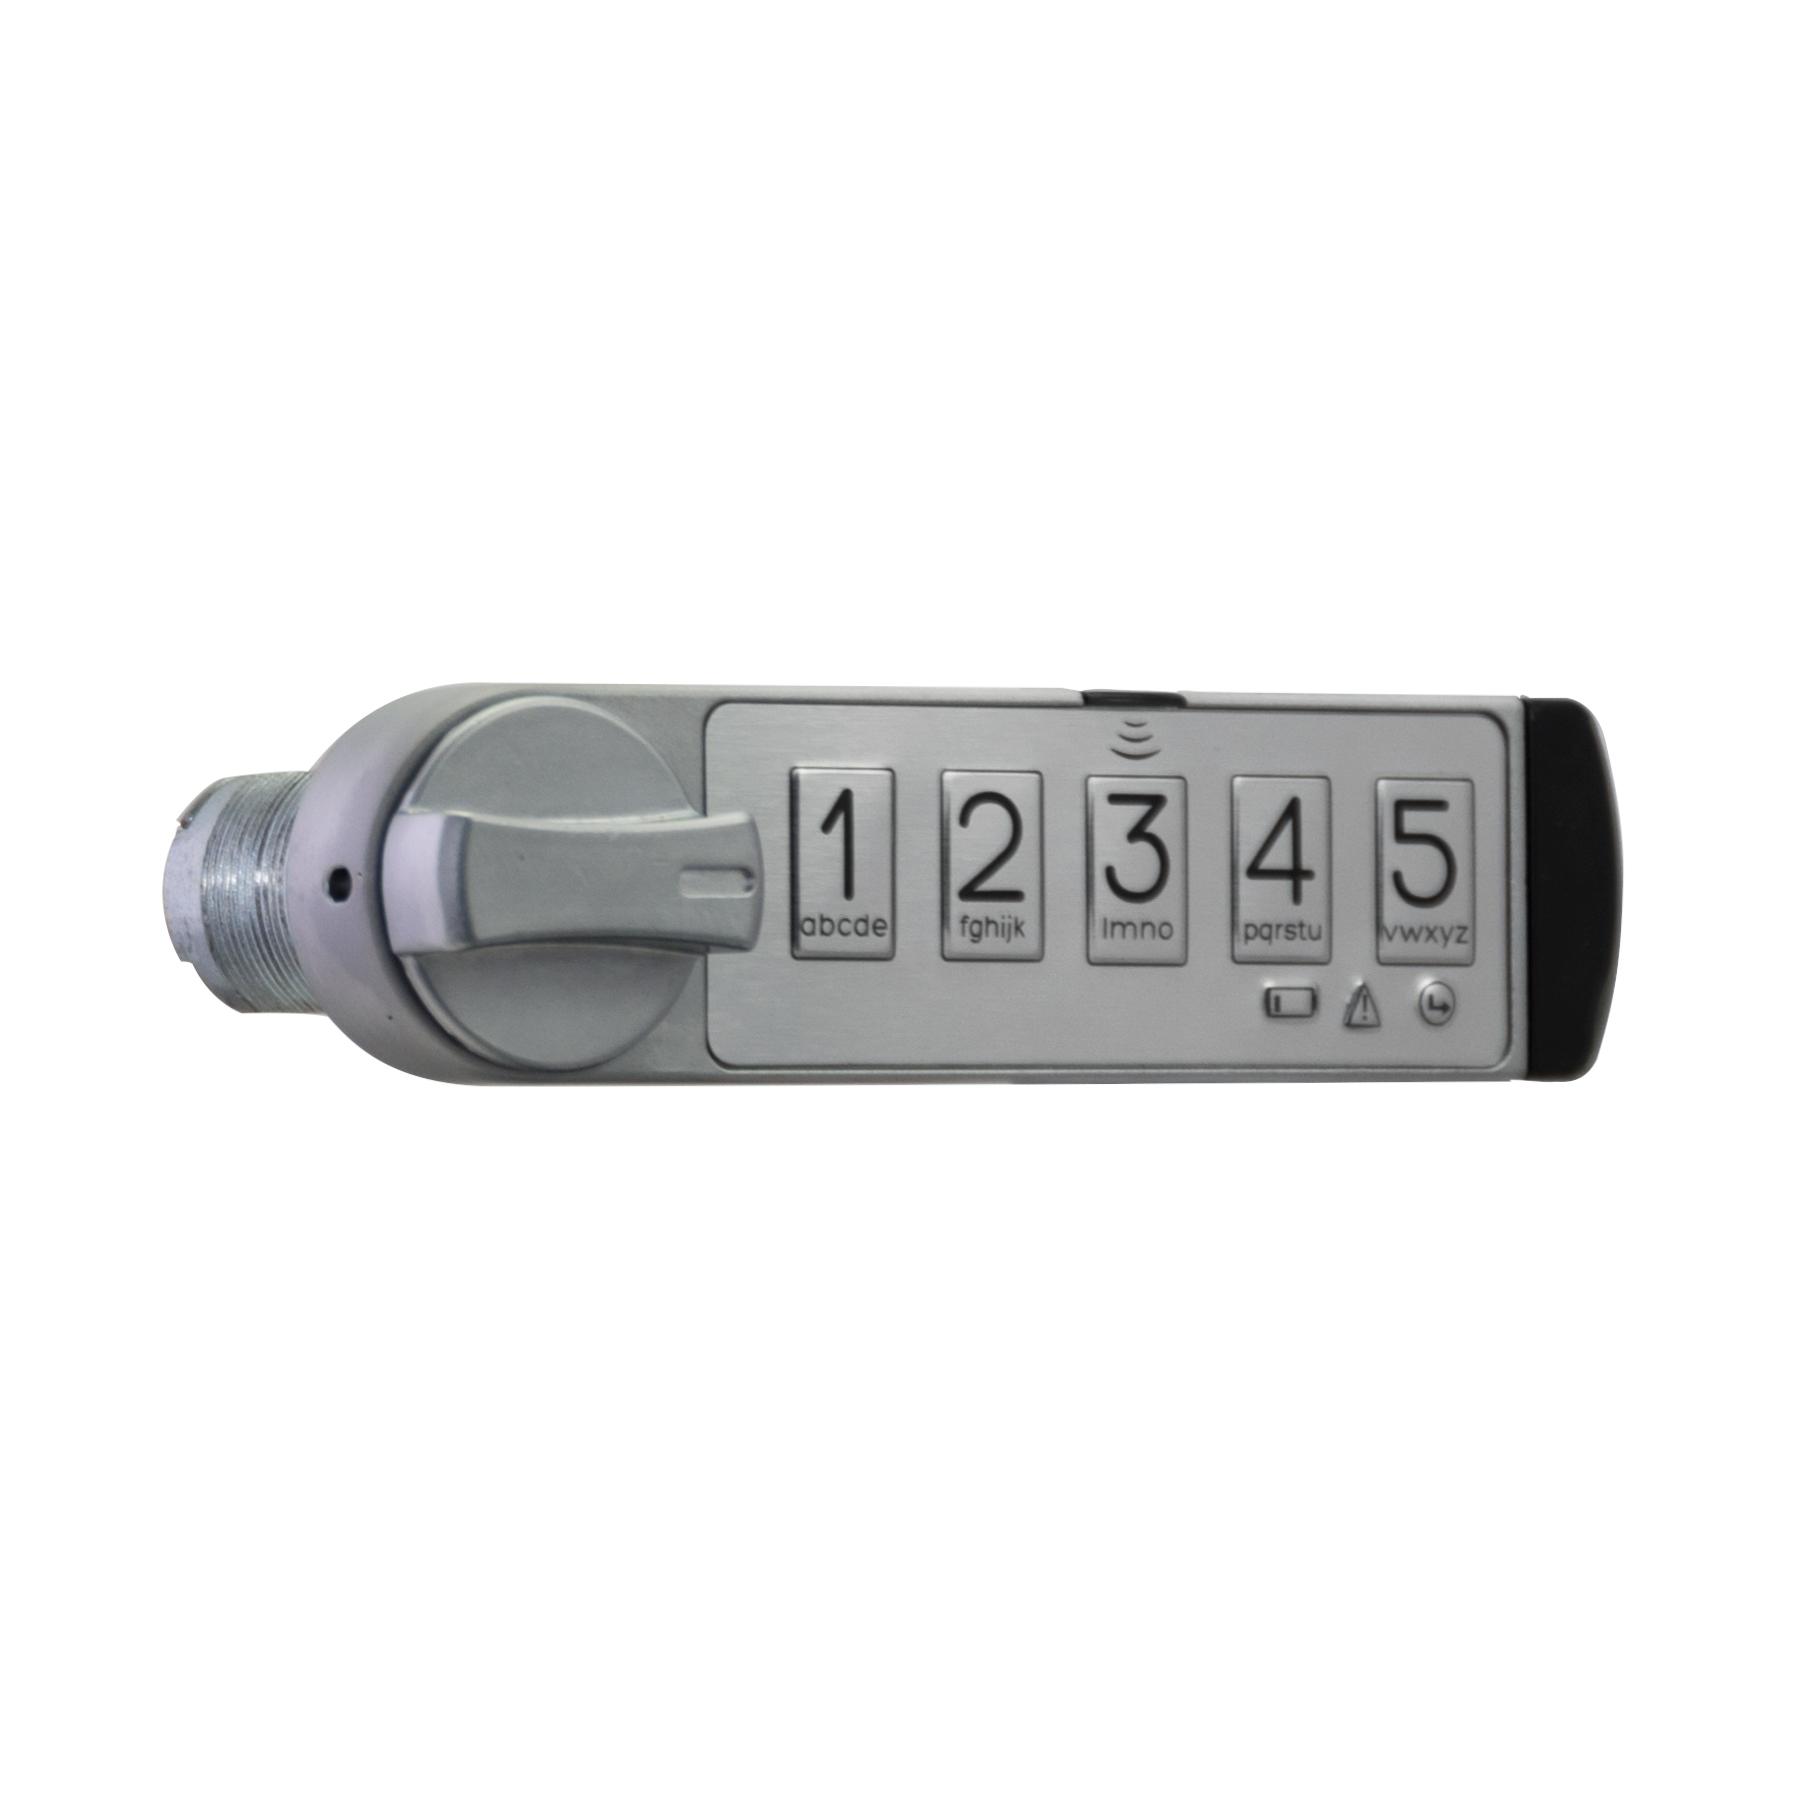 MicroIQ-cam-silver-180-N-Shell